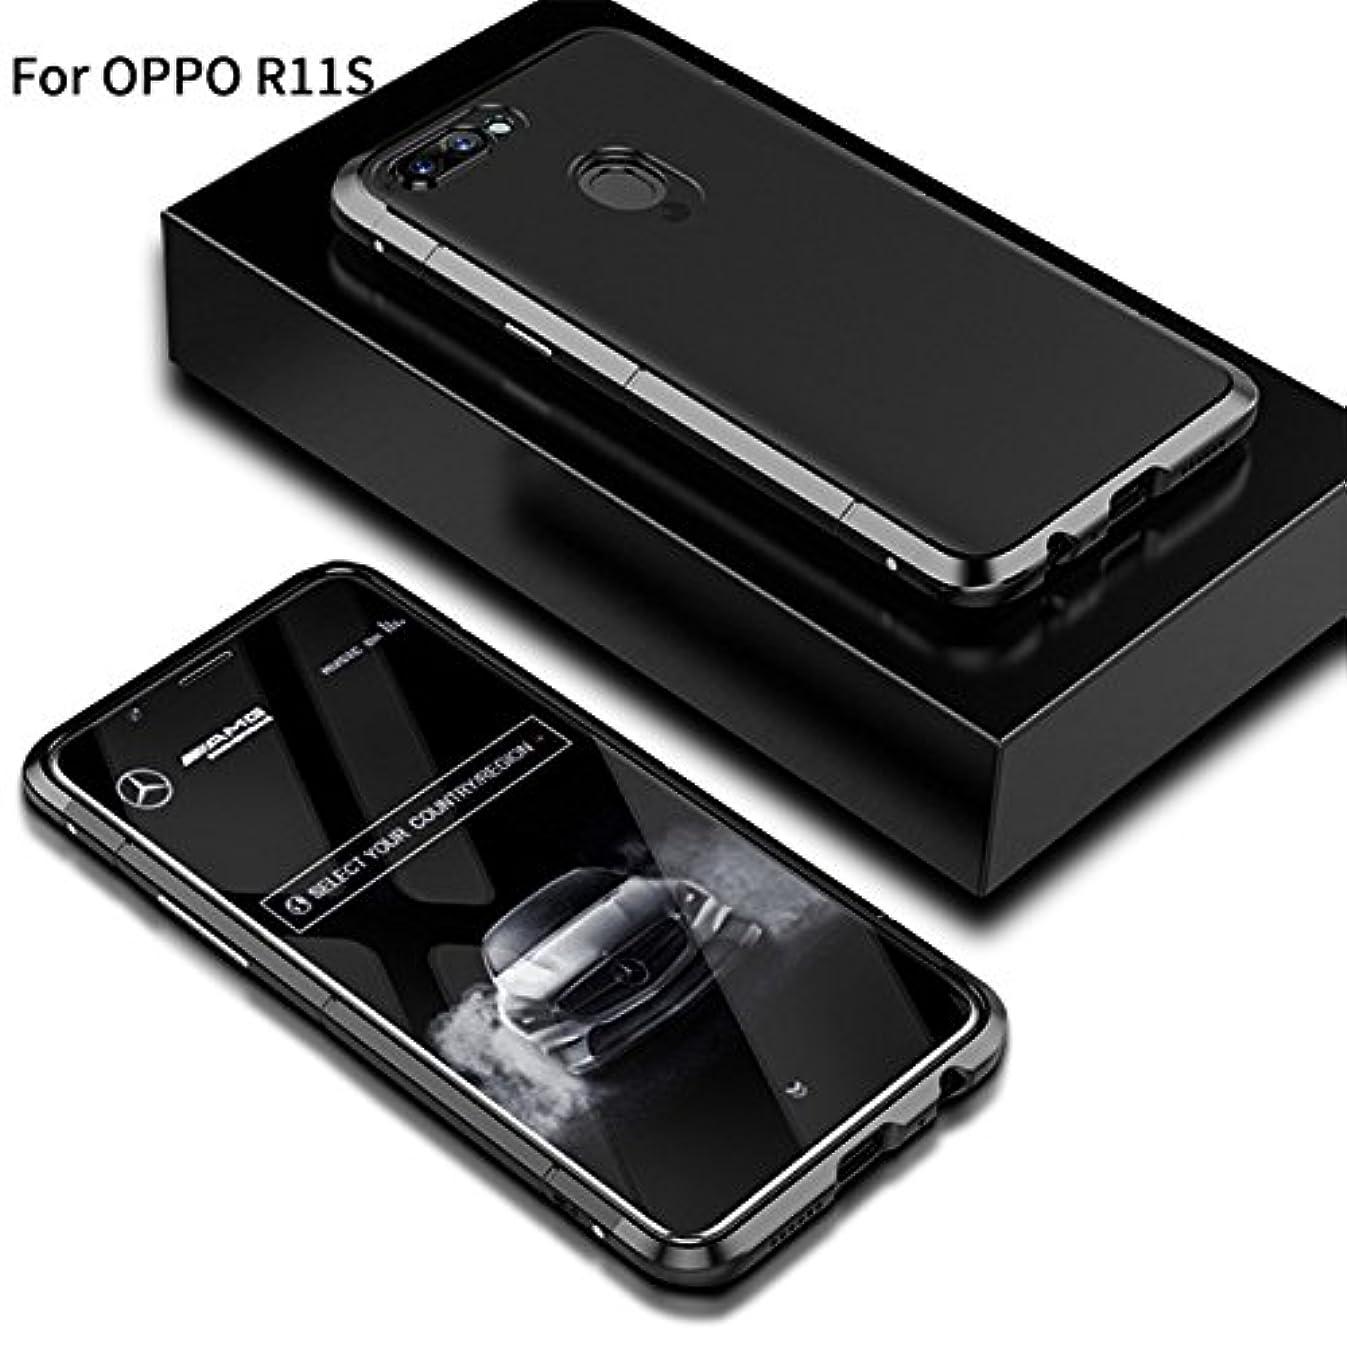 注目すべきぶら下がる容疑者Jicorzo - OPPO R11SシェルCoqueのために1メタル+プラスチックでOPPO R11SハードPCケース3については360フルカバレッジラグジュアリーデザイン5.5インチ